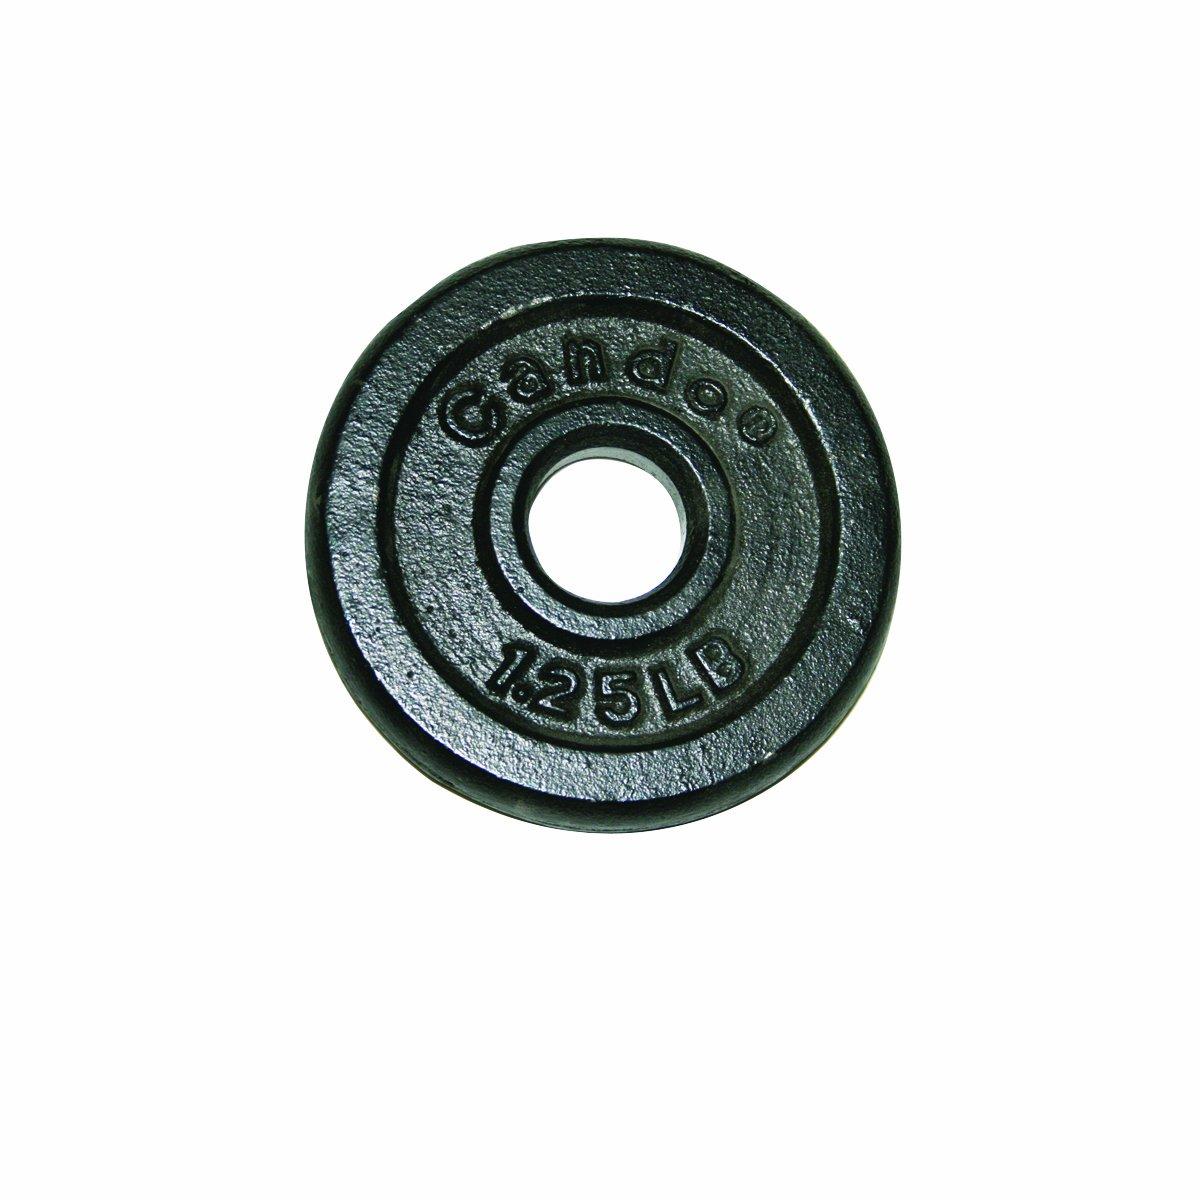 1.25 Lb-20 LB Placa de Hierro Grip Placas de Pesas Jiande Hierro Discos Peso Placa Negro Aptitud de Hierro Fundido Grip Placa for Barra Size : 1.25 LB